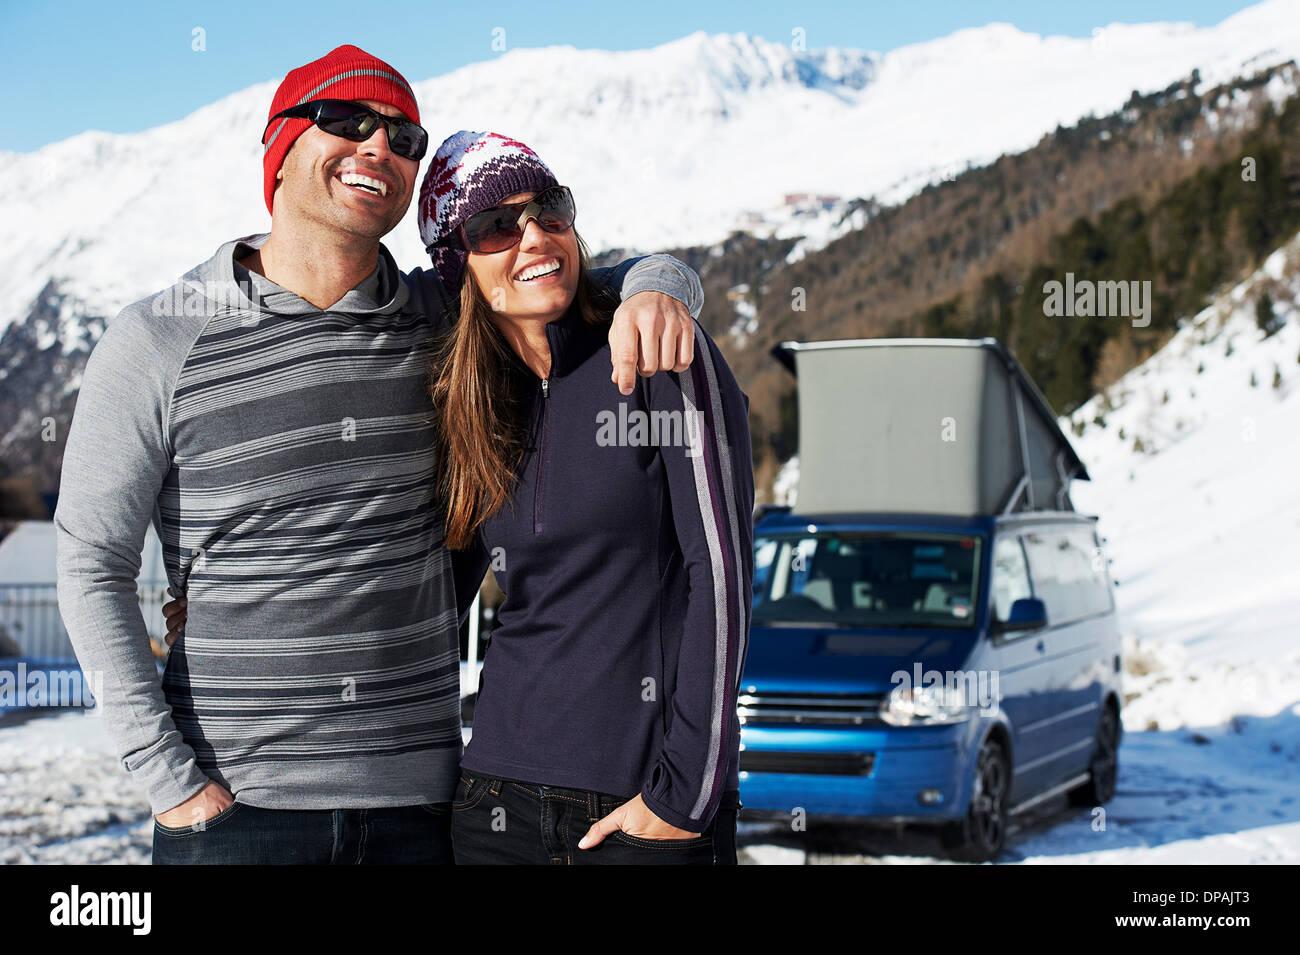 Metà adulto giovane con auto in background, Obergurgl, Austria Immagini Stock